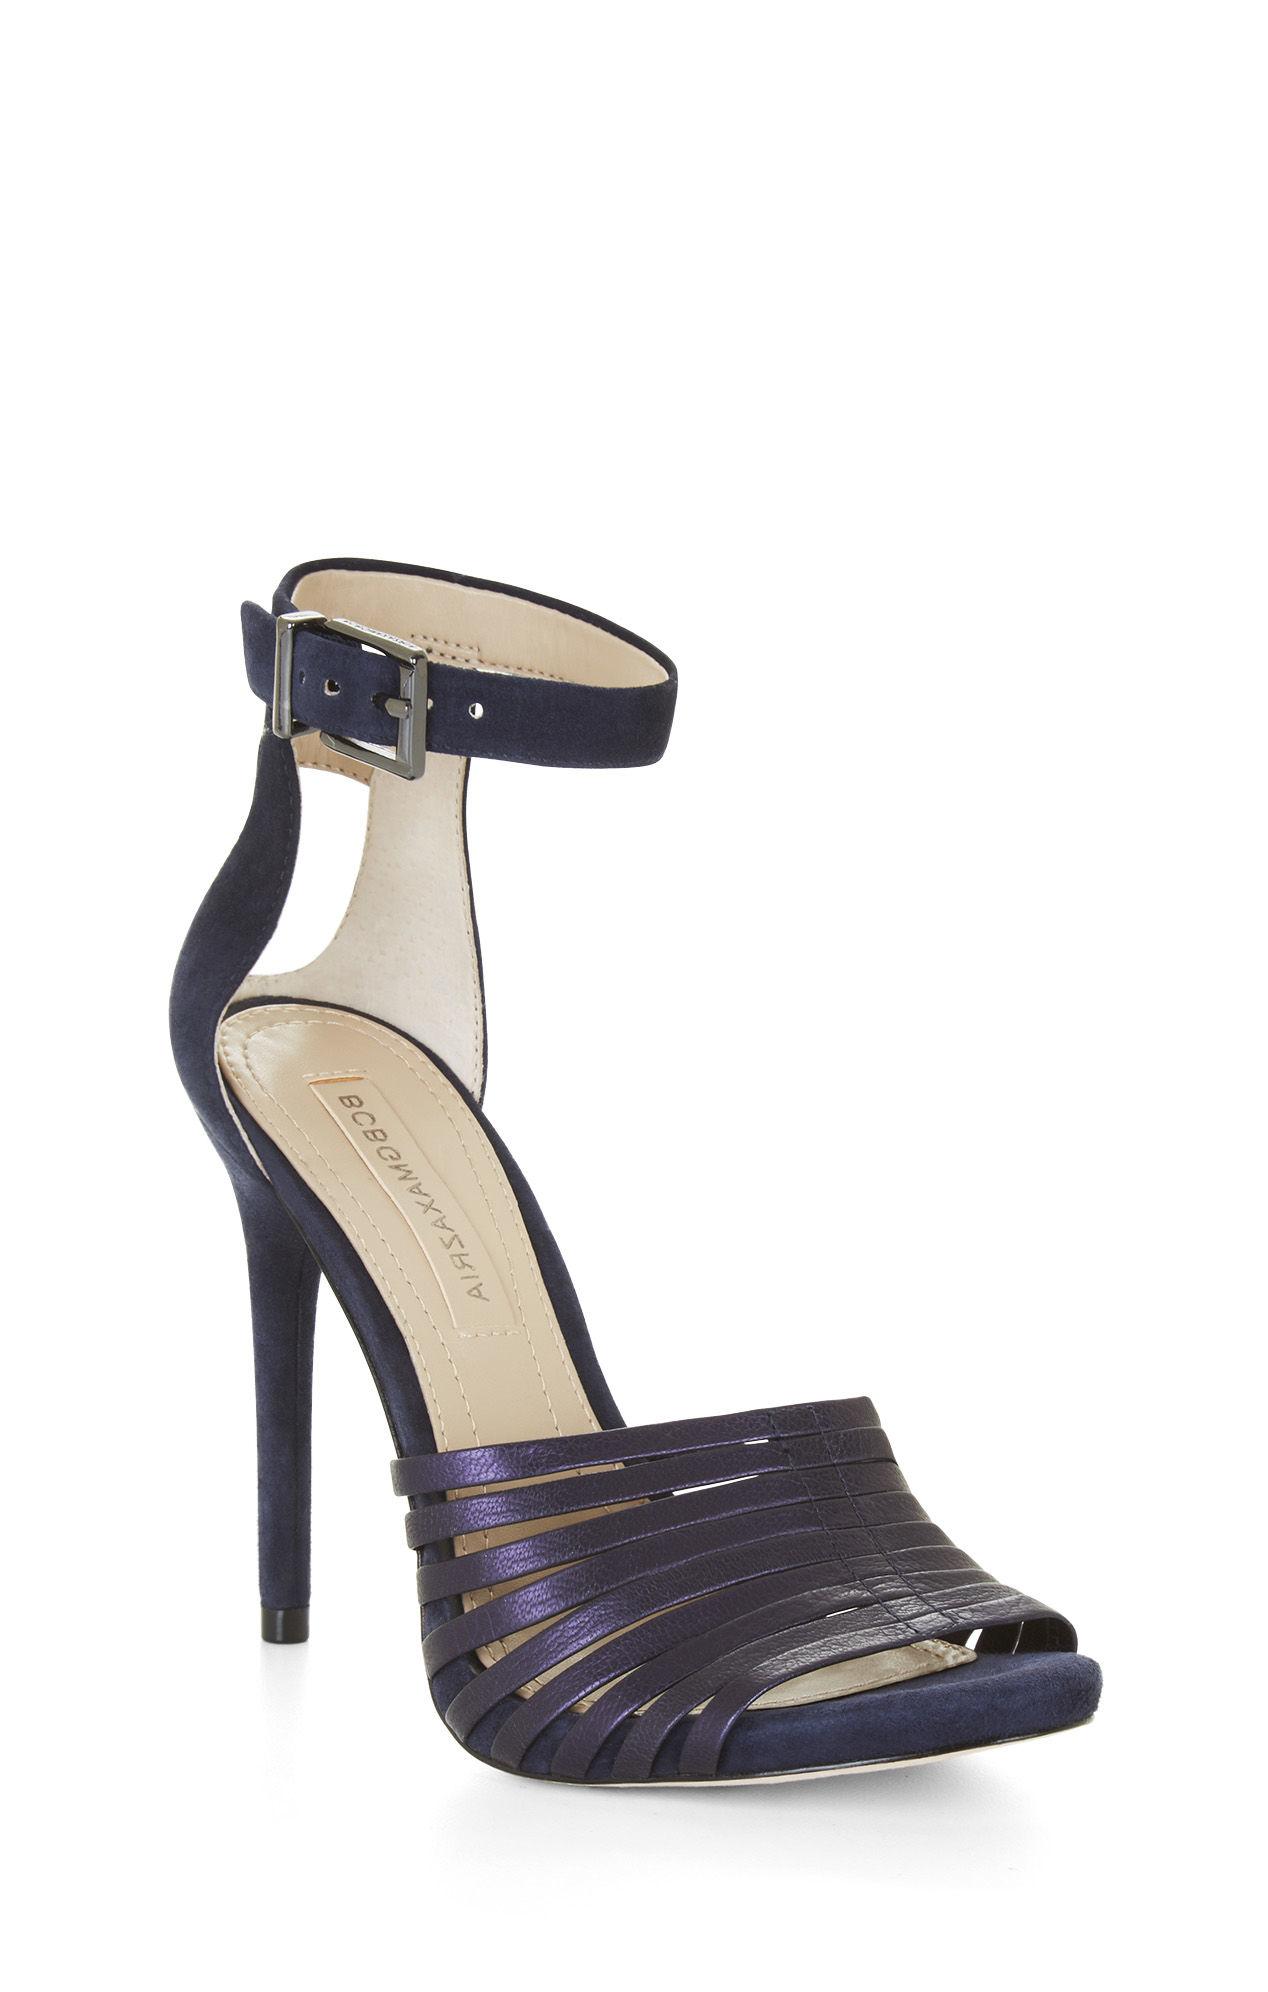 Navy Blue Strappy High Heel Sandals